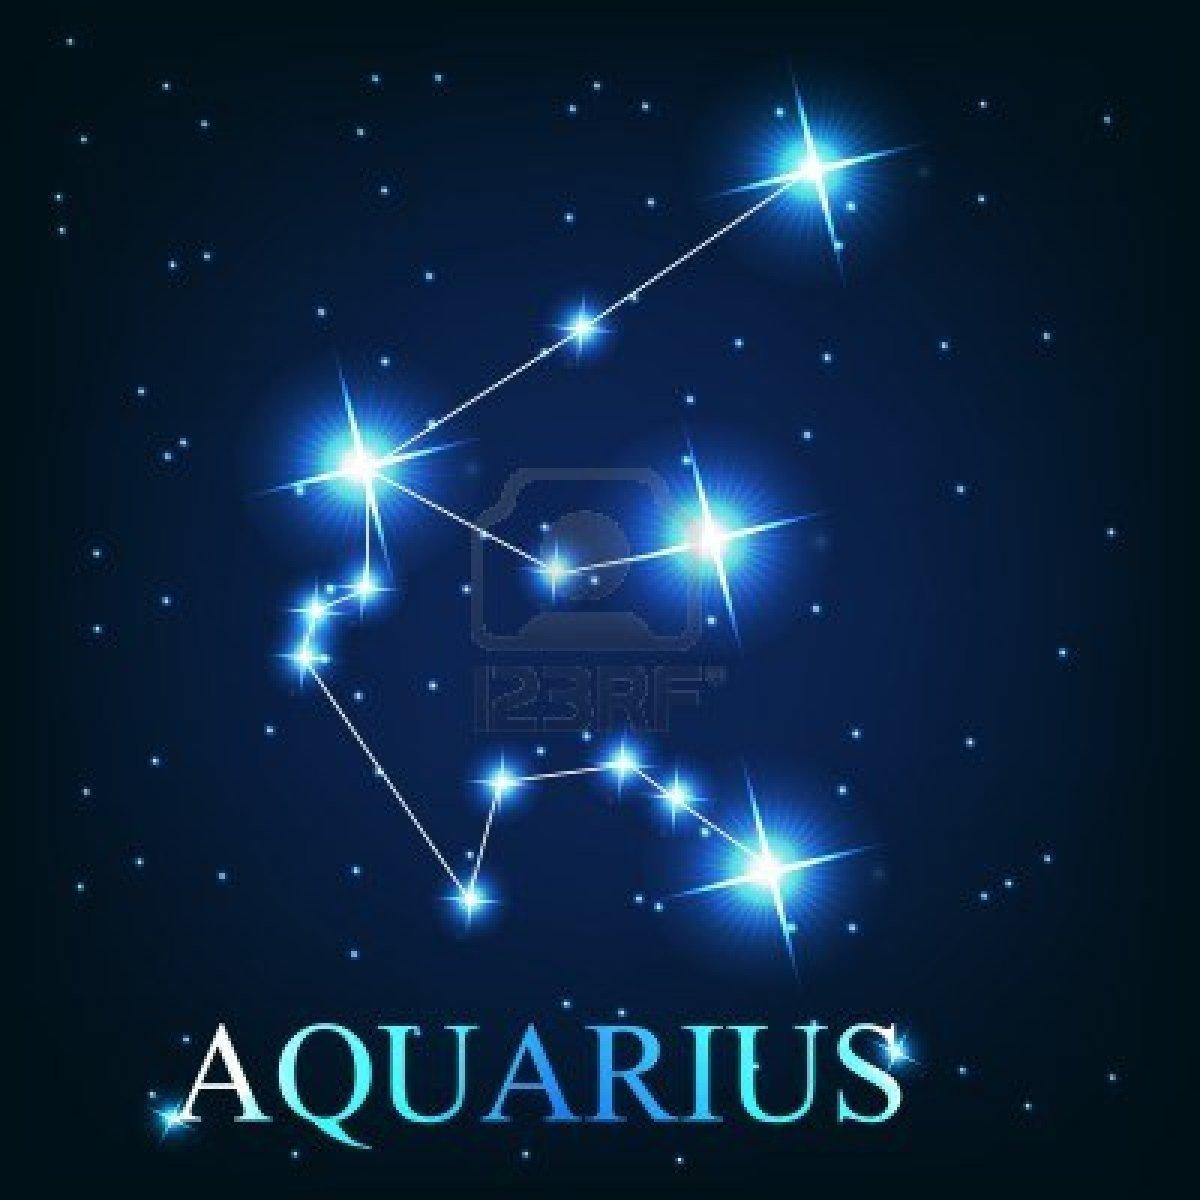 aquarius_aquarius (january      february 18)